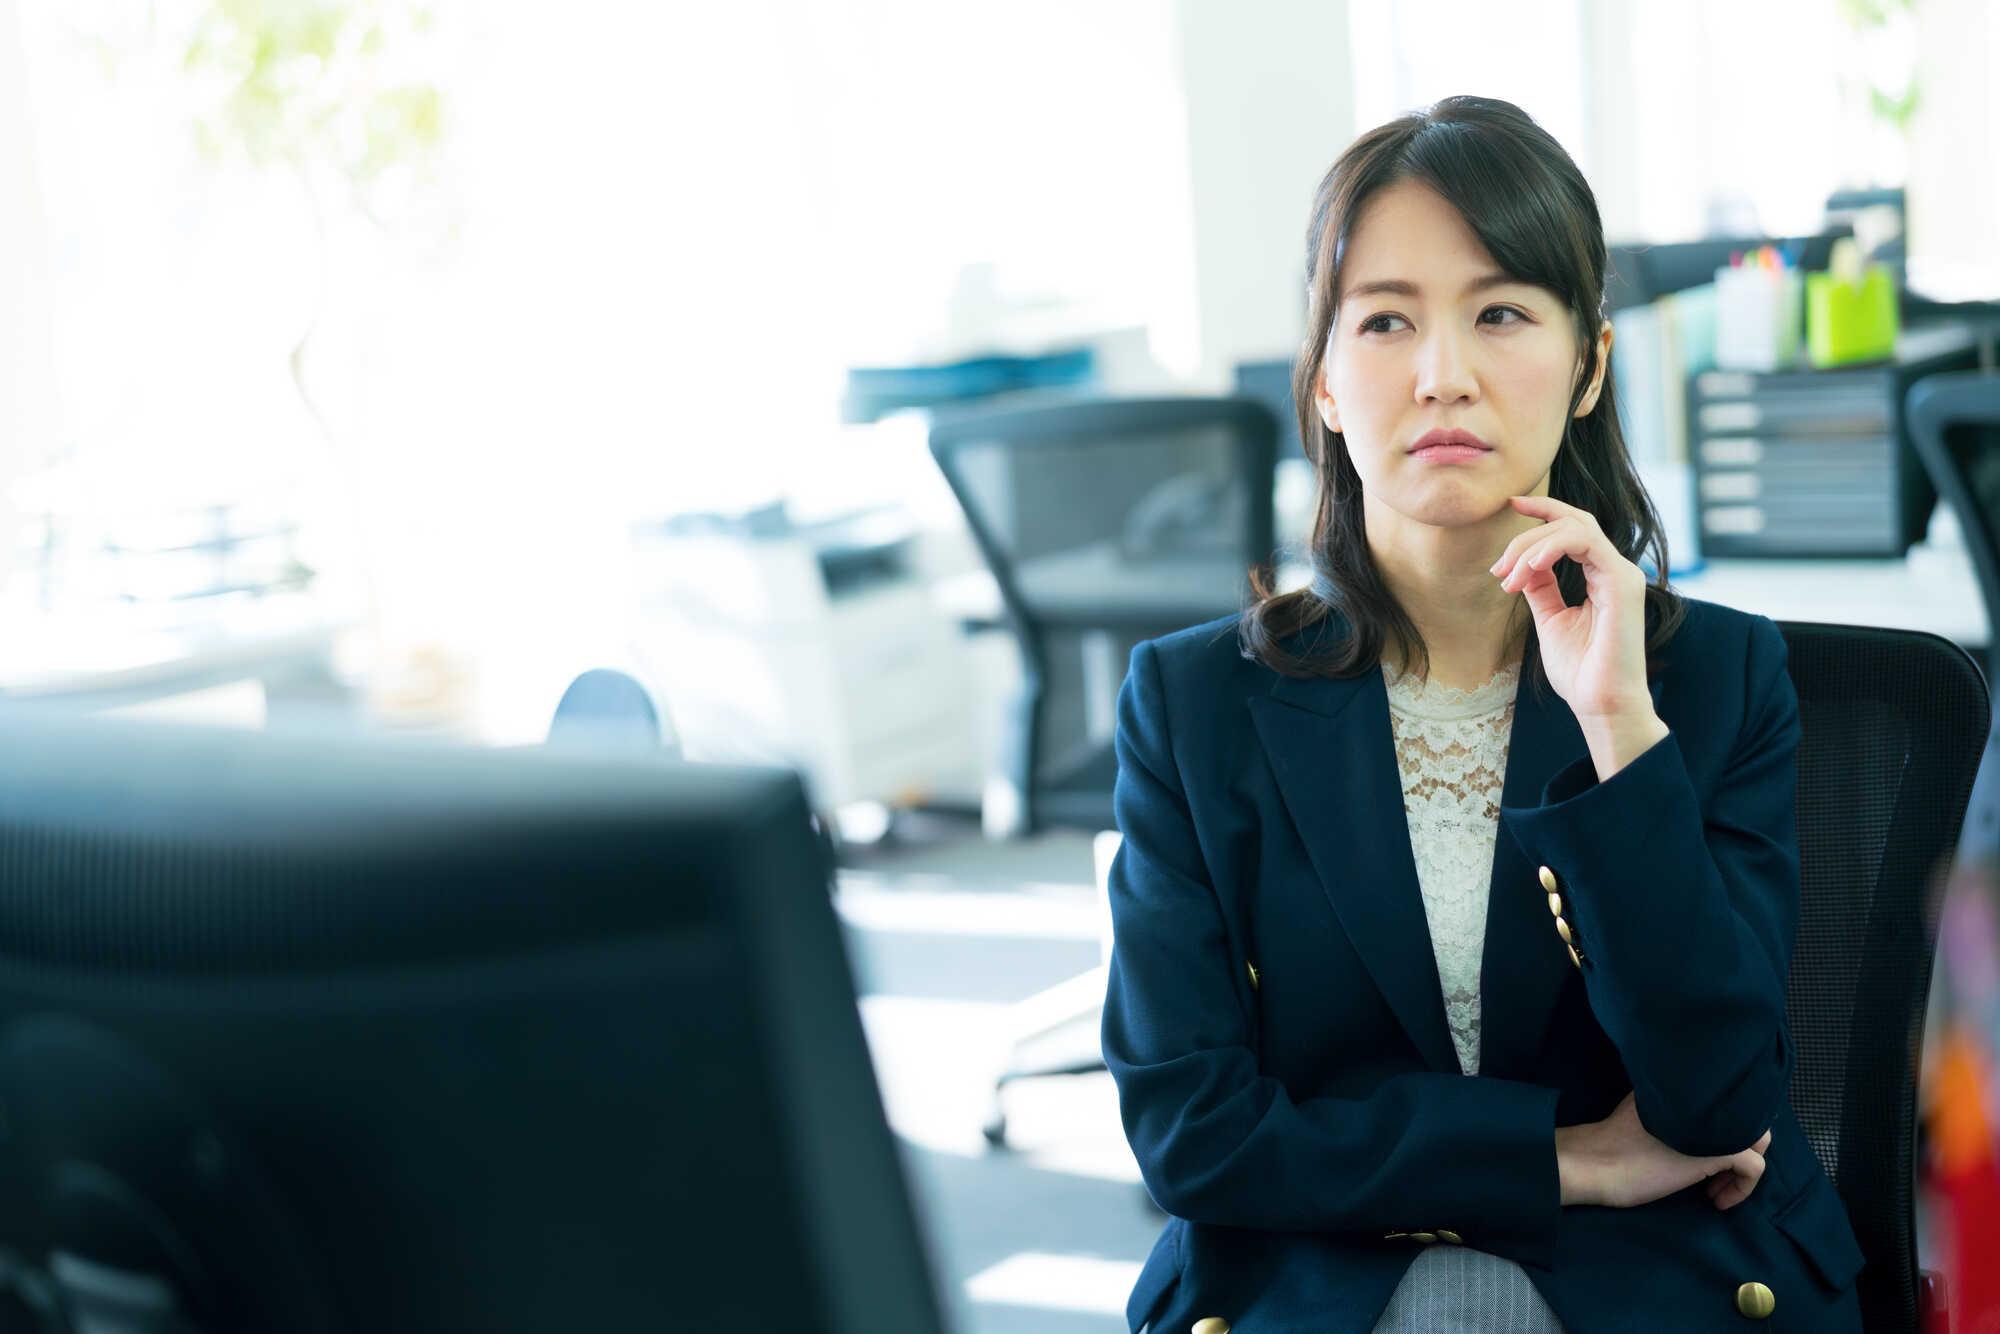 新卒採用で悩む中小企業の担当者